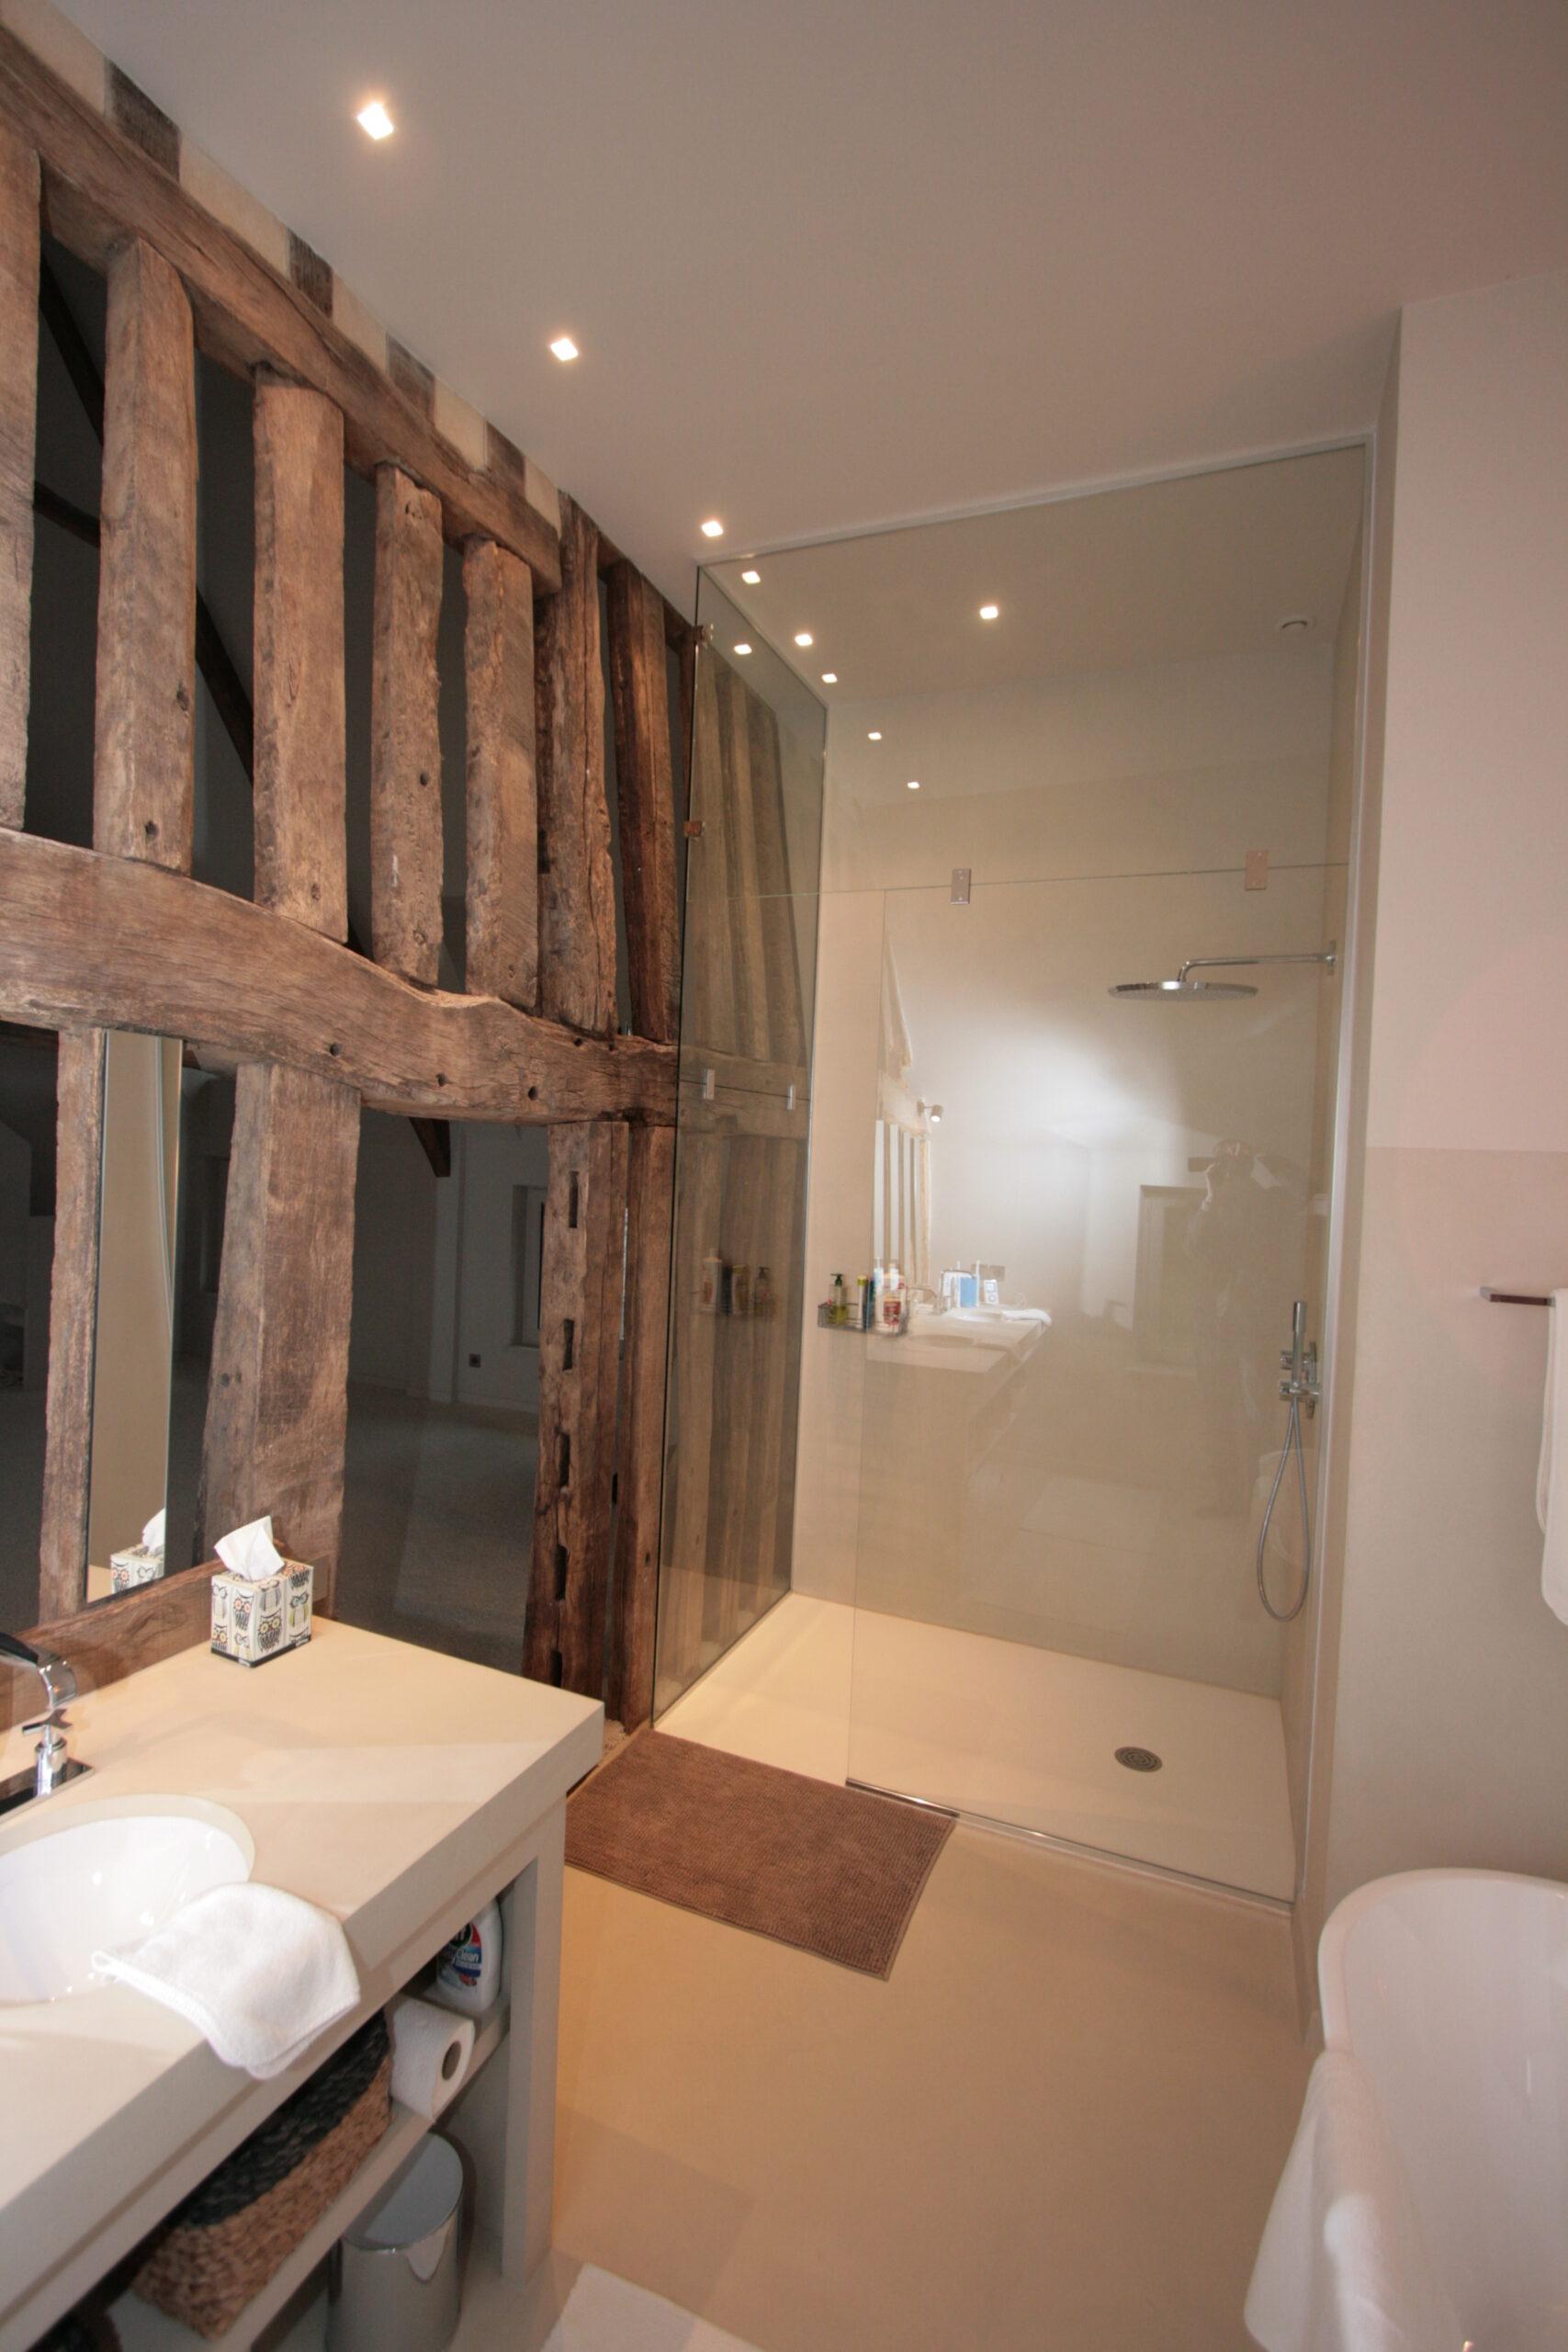 salle-de-bain-douche-italienne-poutre-bois-atypique